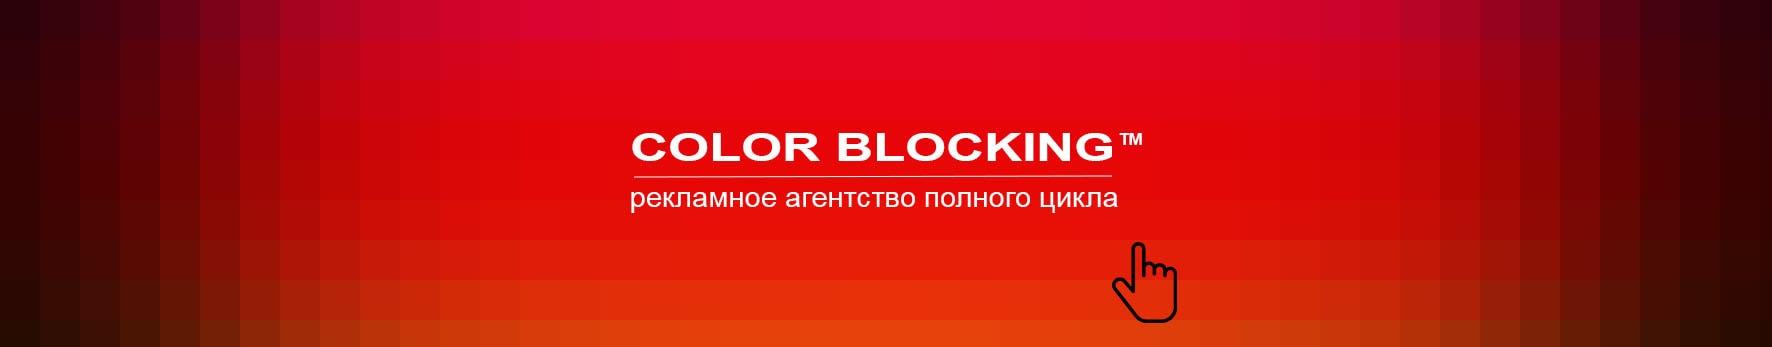 Рекламные щиты в Осетии агентство